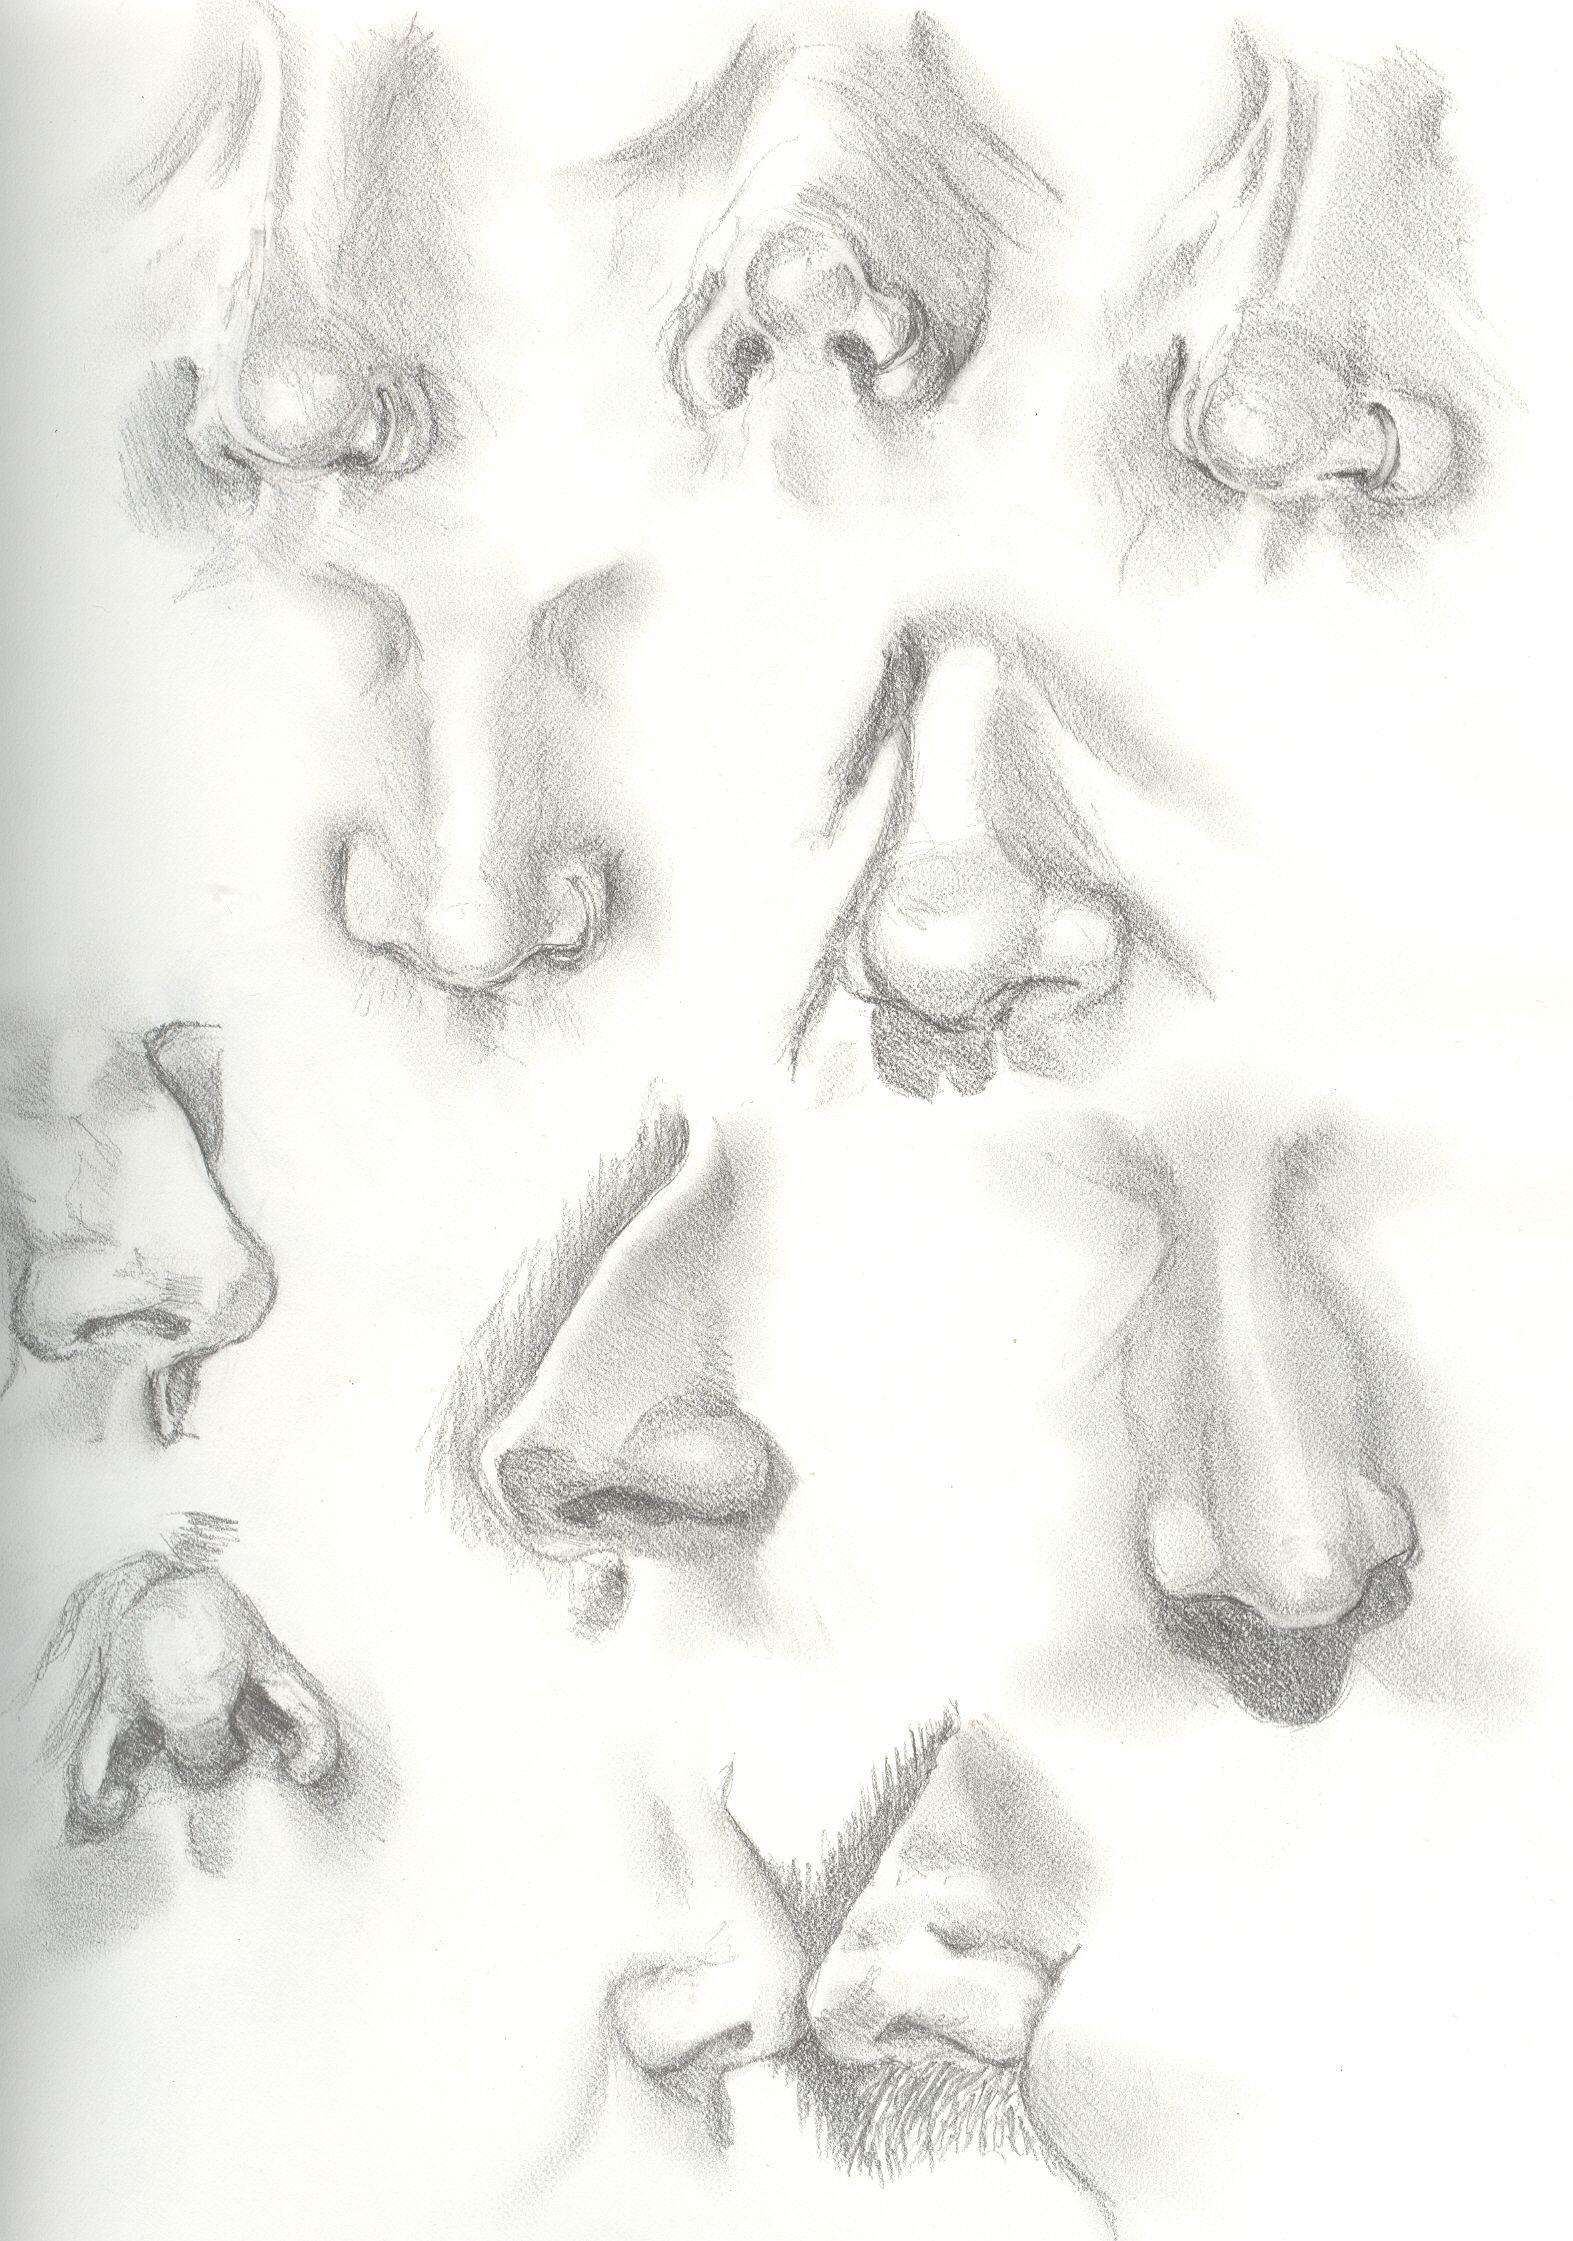 Pin von ADR auf Dibujos   Pinterest   Anatomie, Mund und Zeichnen